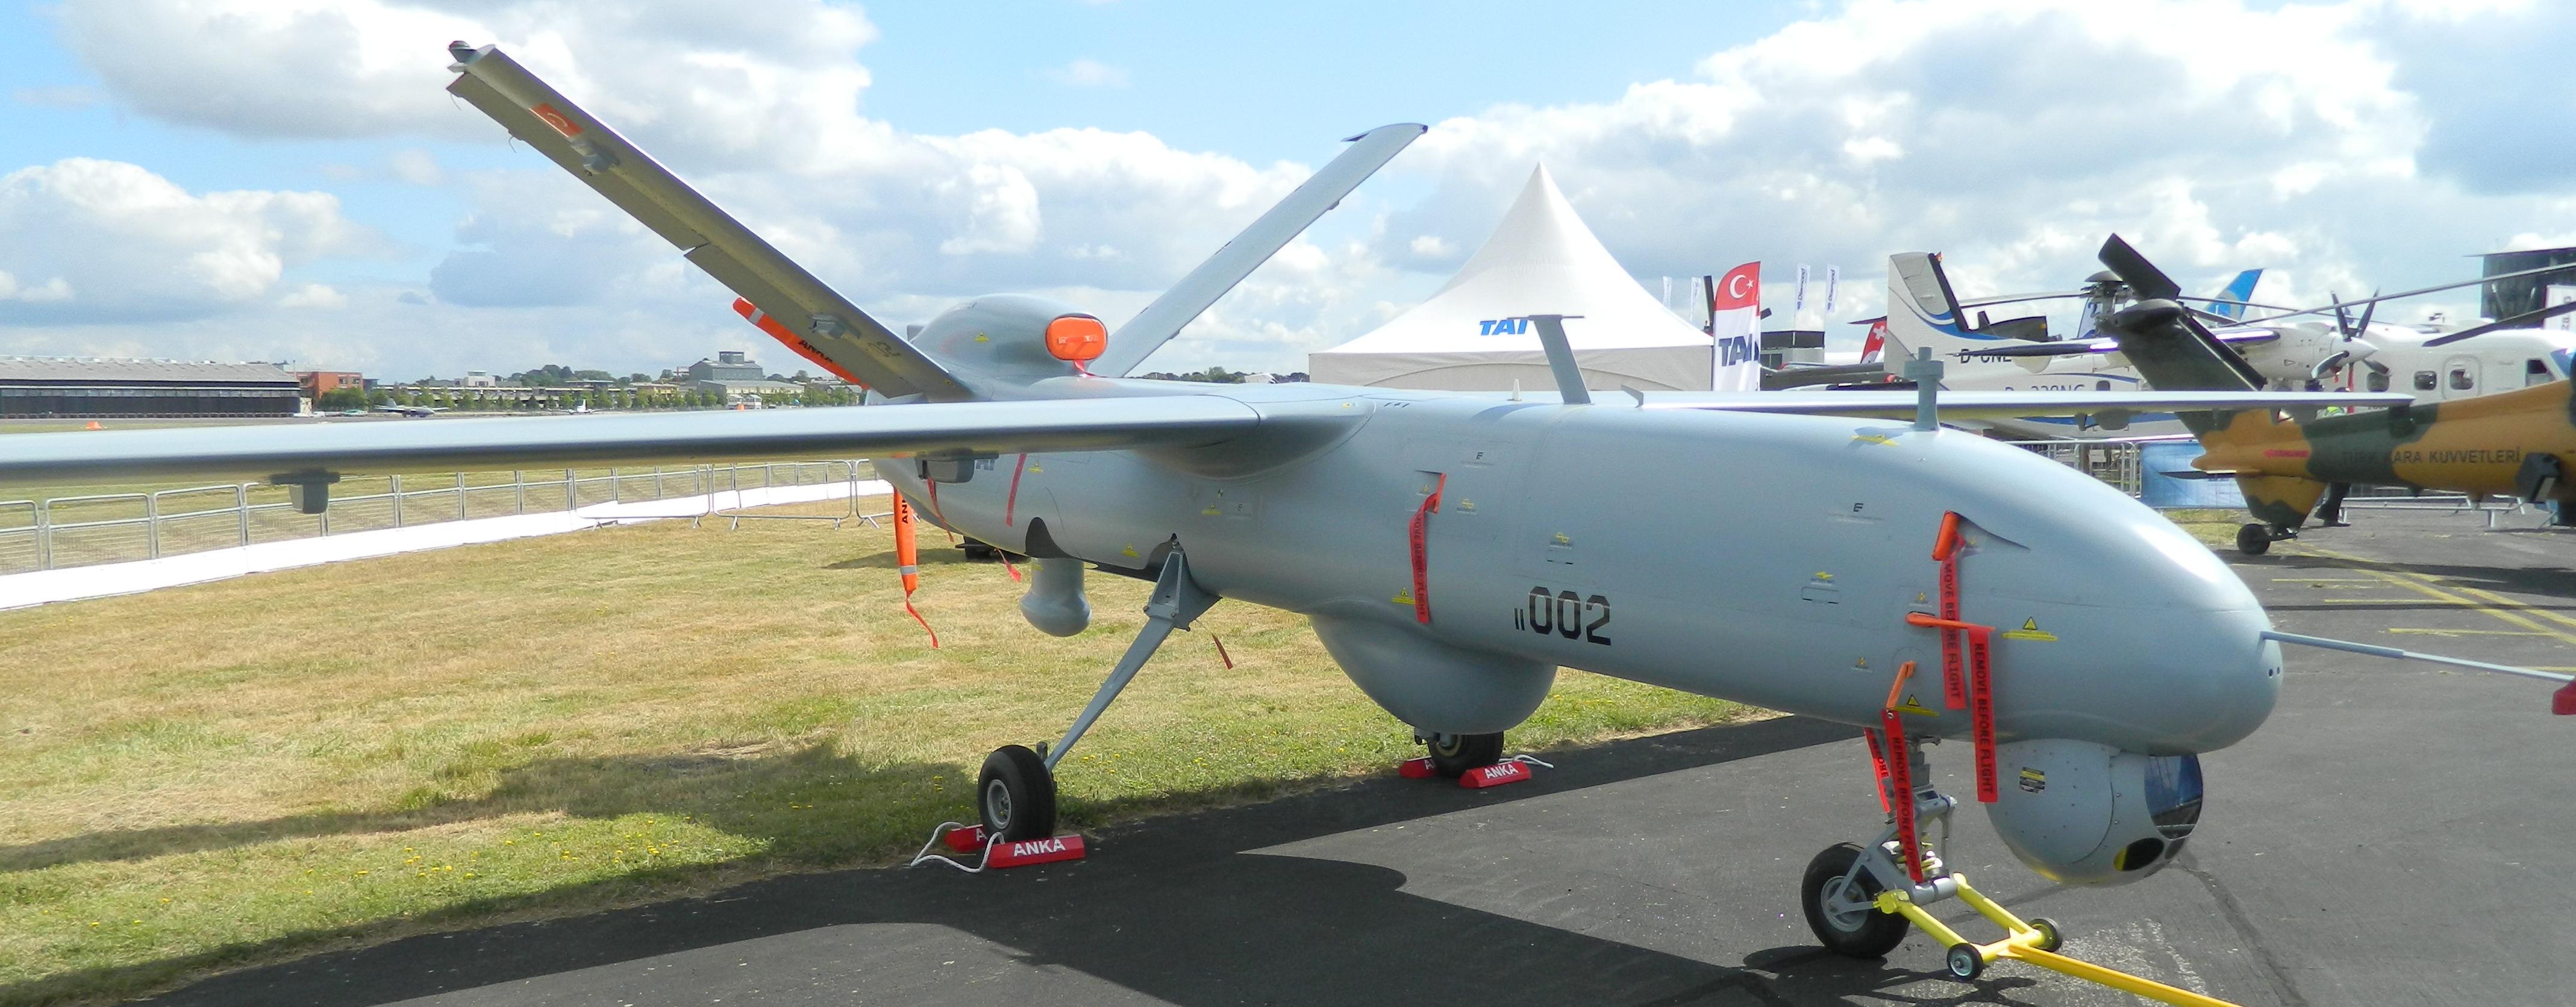 TAI-ANKA-UAV-FAR14-3659.JPG.jpg